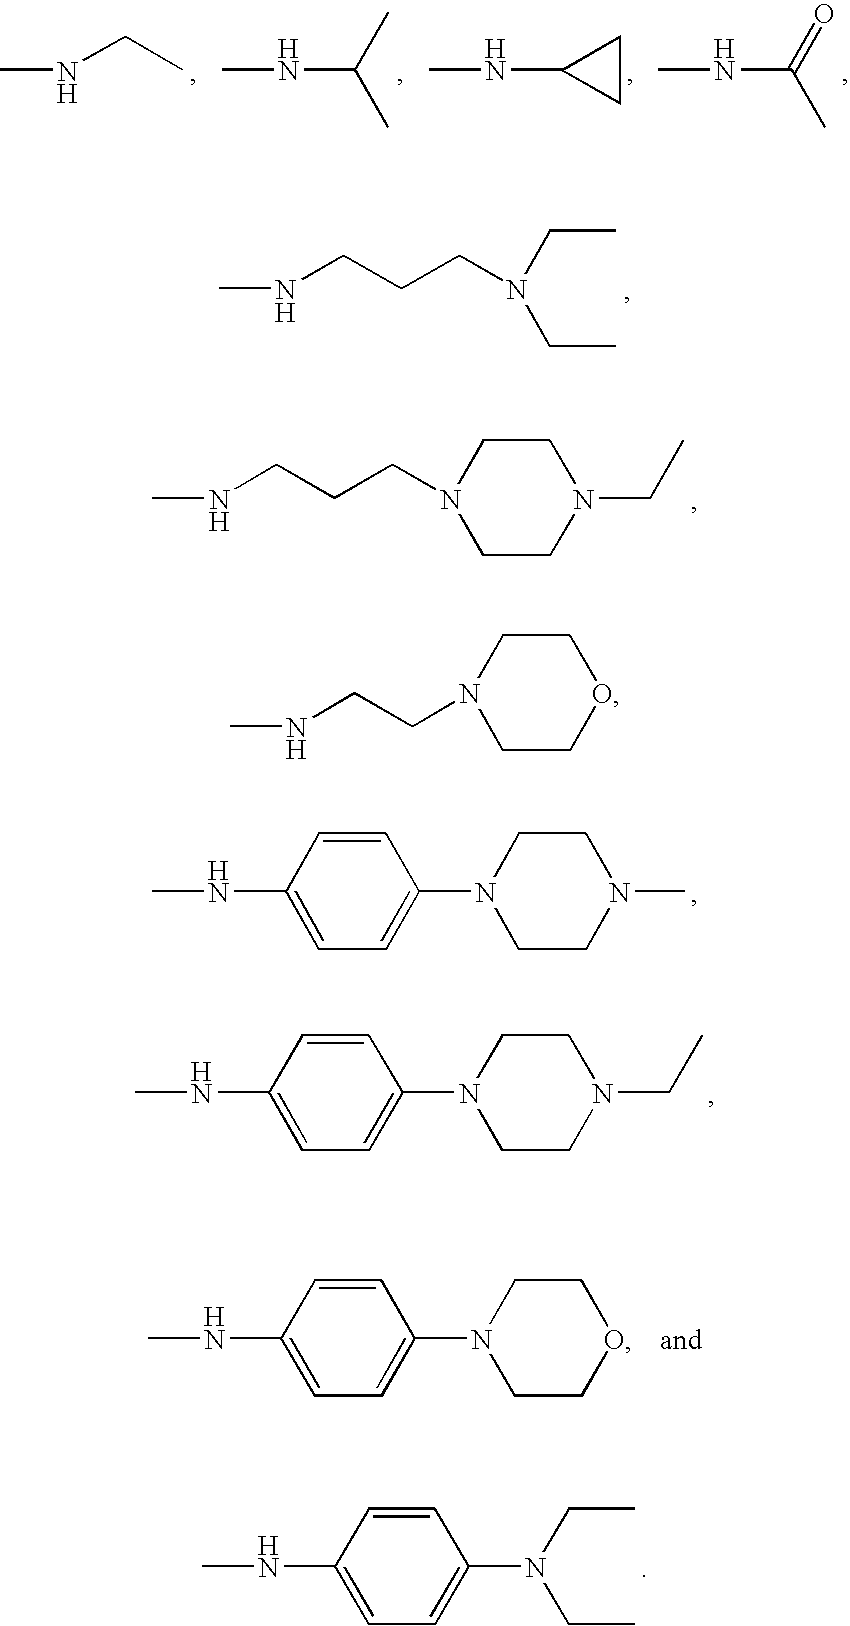 Figure US20090312321A1-20091217-C00007